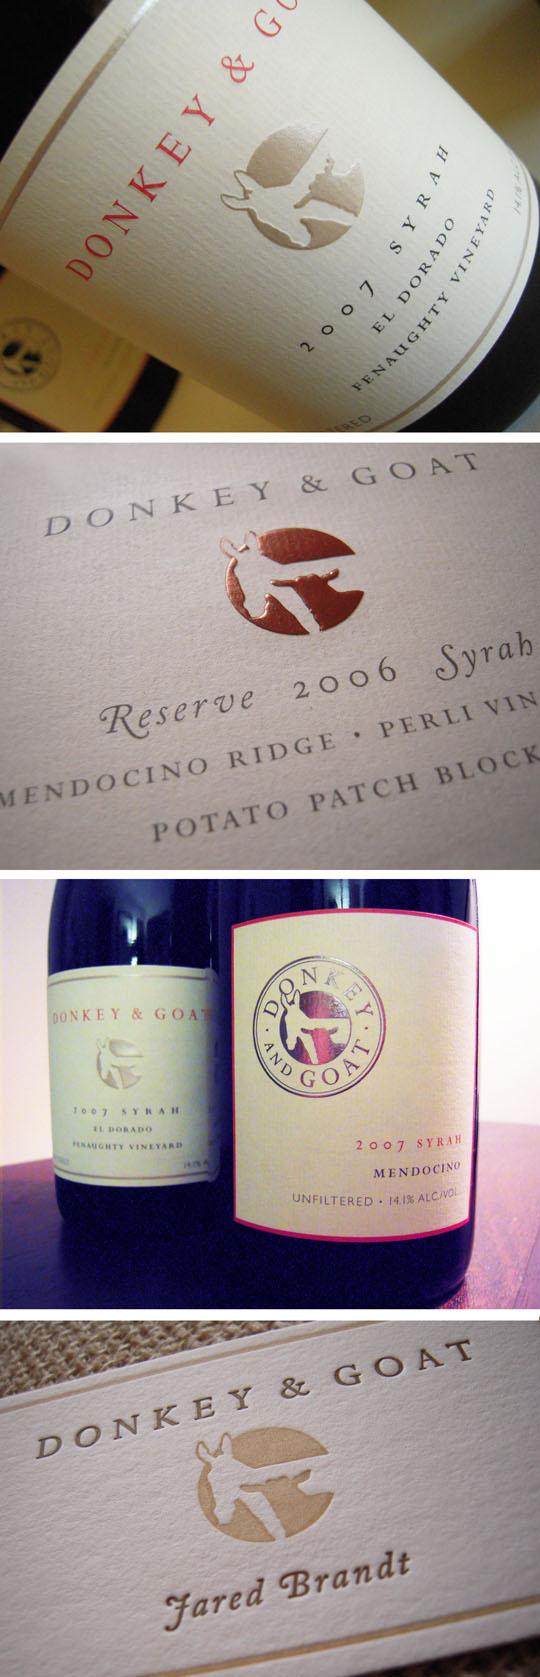 D&G wine labels